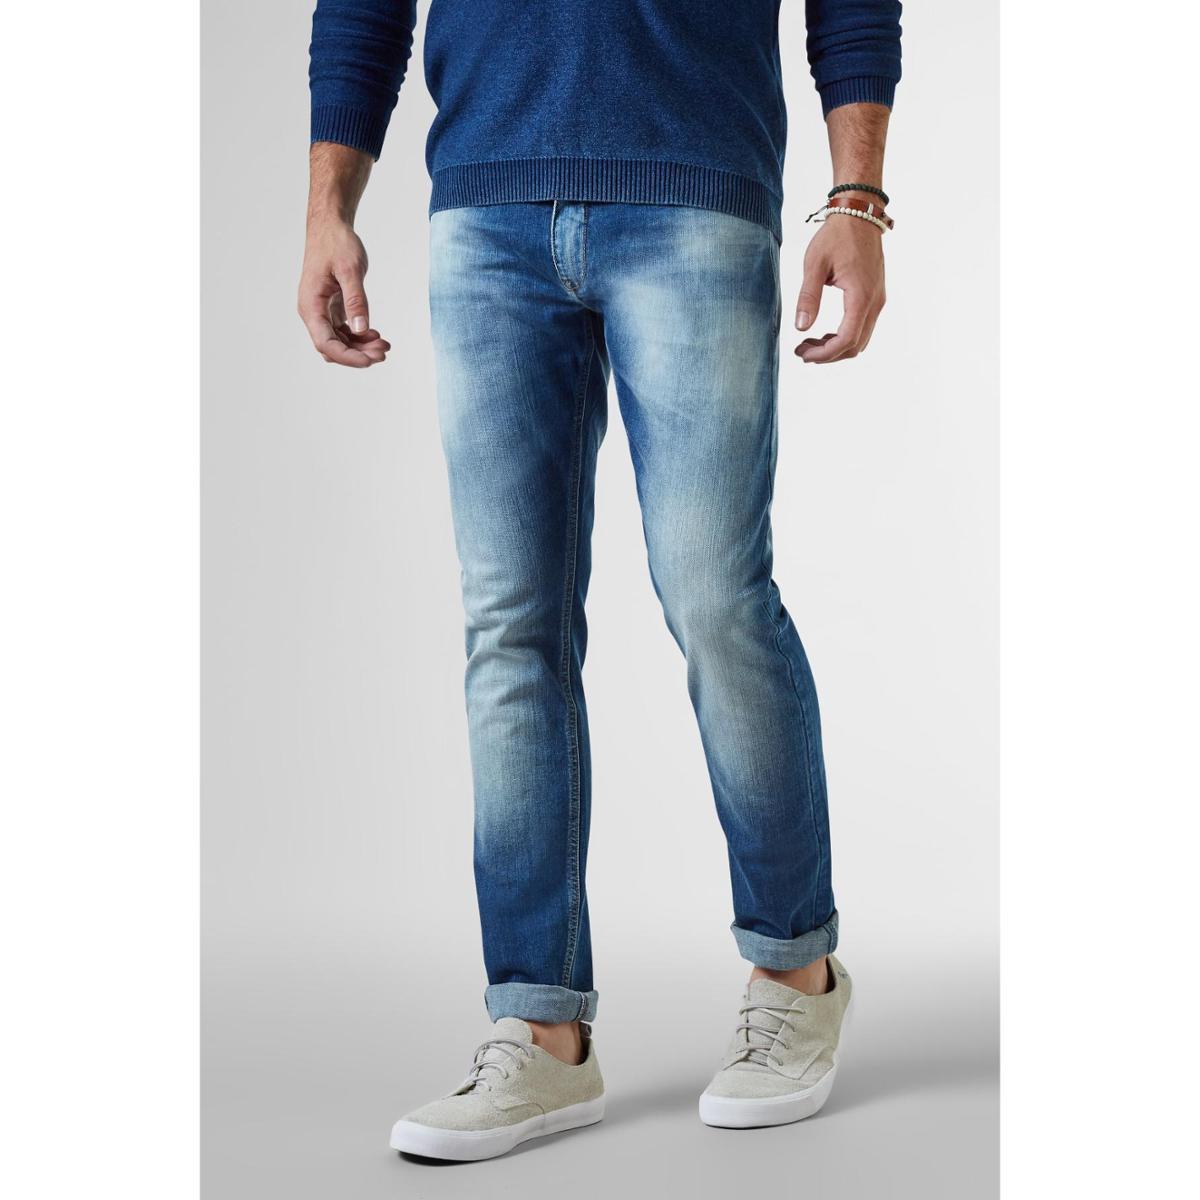 8b58107f4 Calças Reserva Jeans 5562 Moquem Masculina - Azul - Compre Agora ...